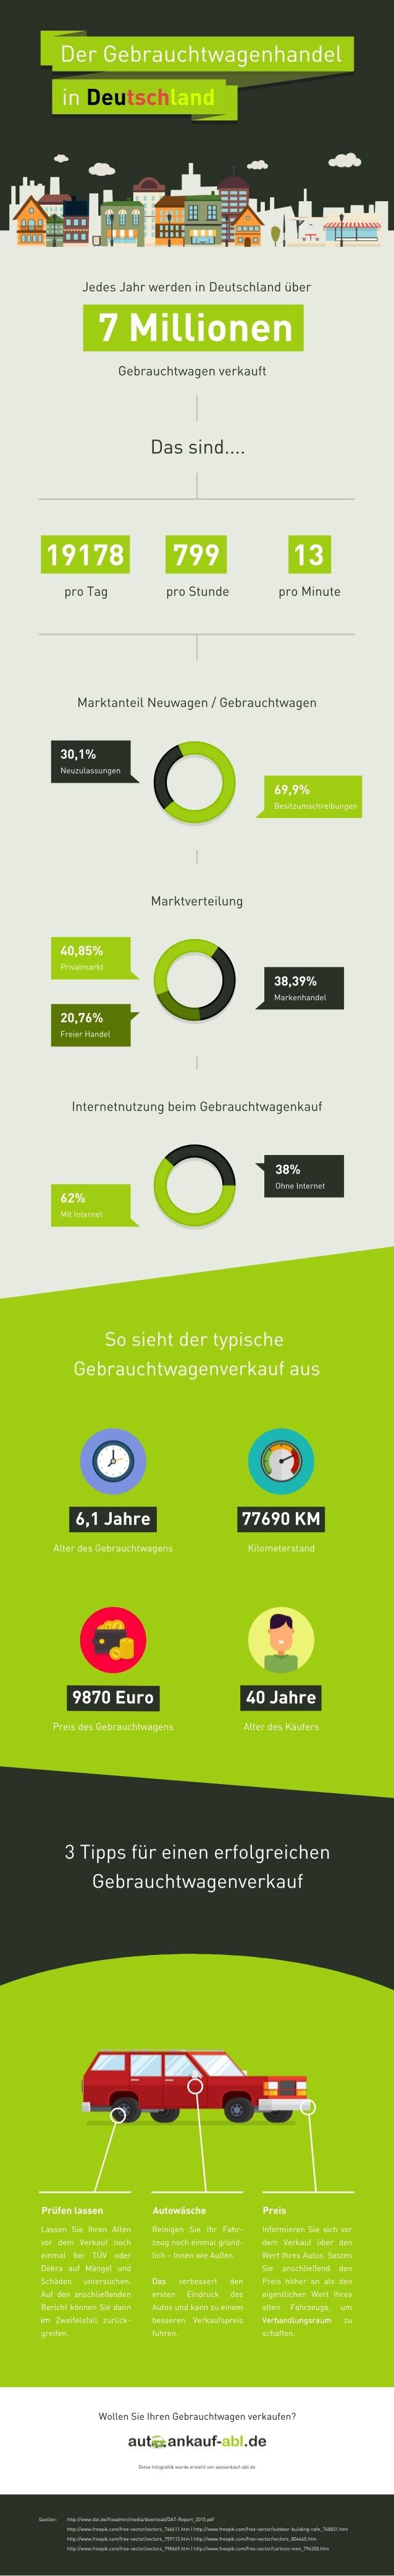 DerGebrauchtwagenhandel inDeutschland JedesJahrwerdeninDeutschlandüber Gebrauchtwagenverkauft 19178 proTag 30,1% Neuzulass...